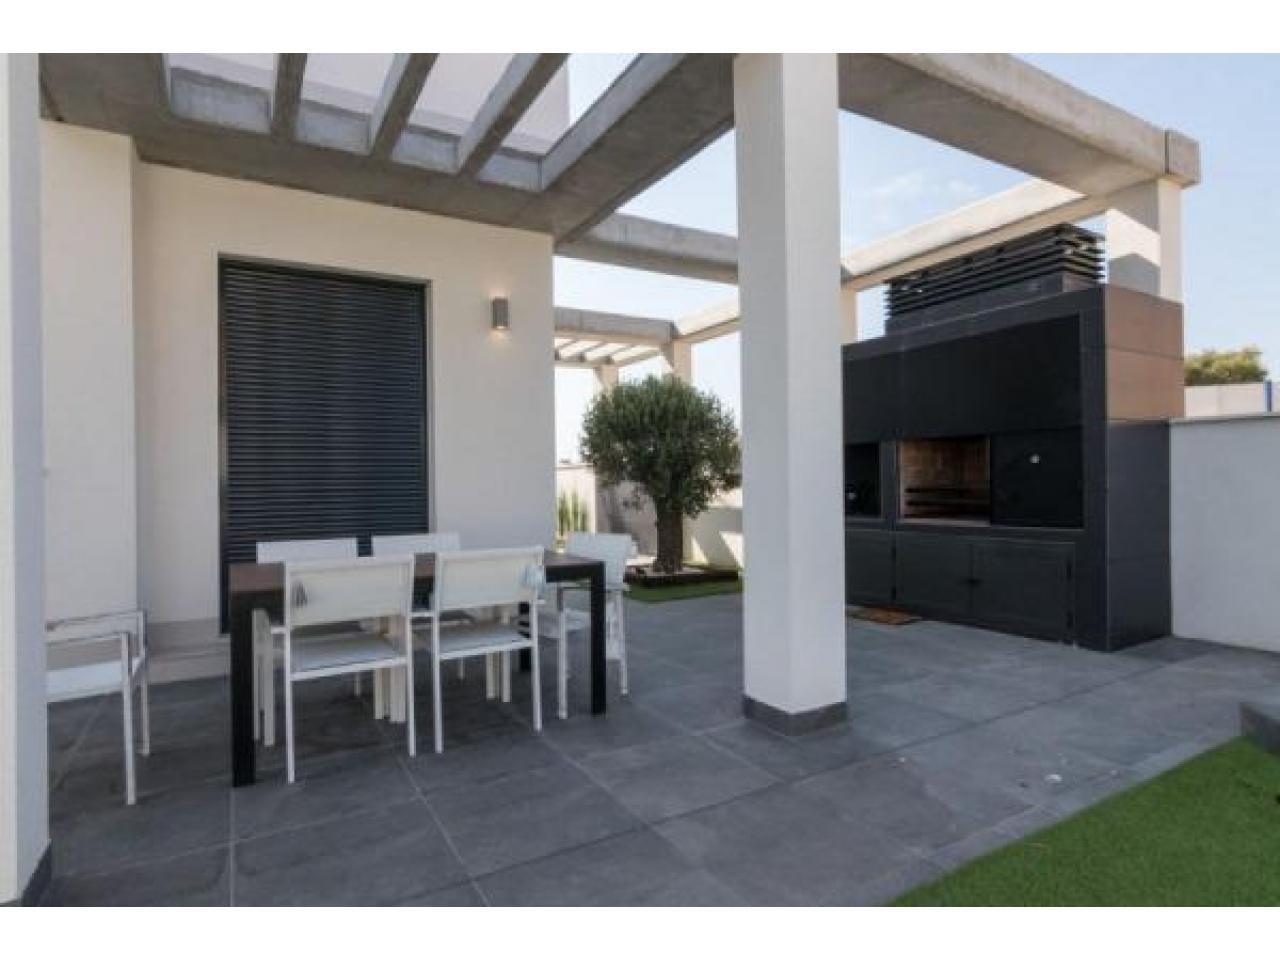 Недвижимость в Испании, Новая вилла рядом с морем от застройщика в Кампельо - 9